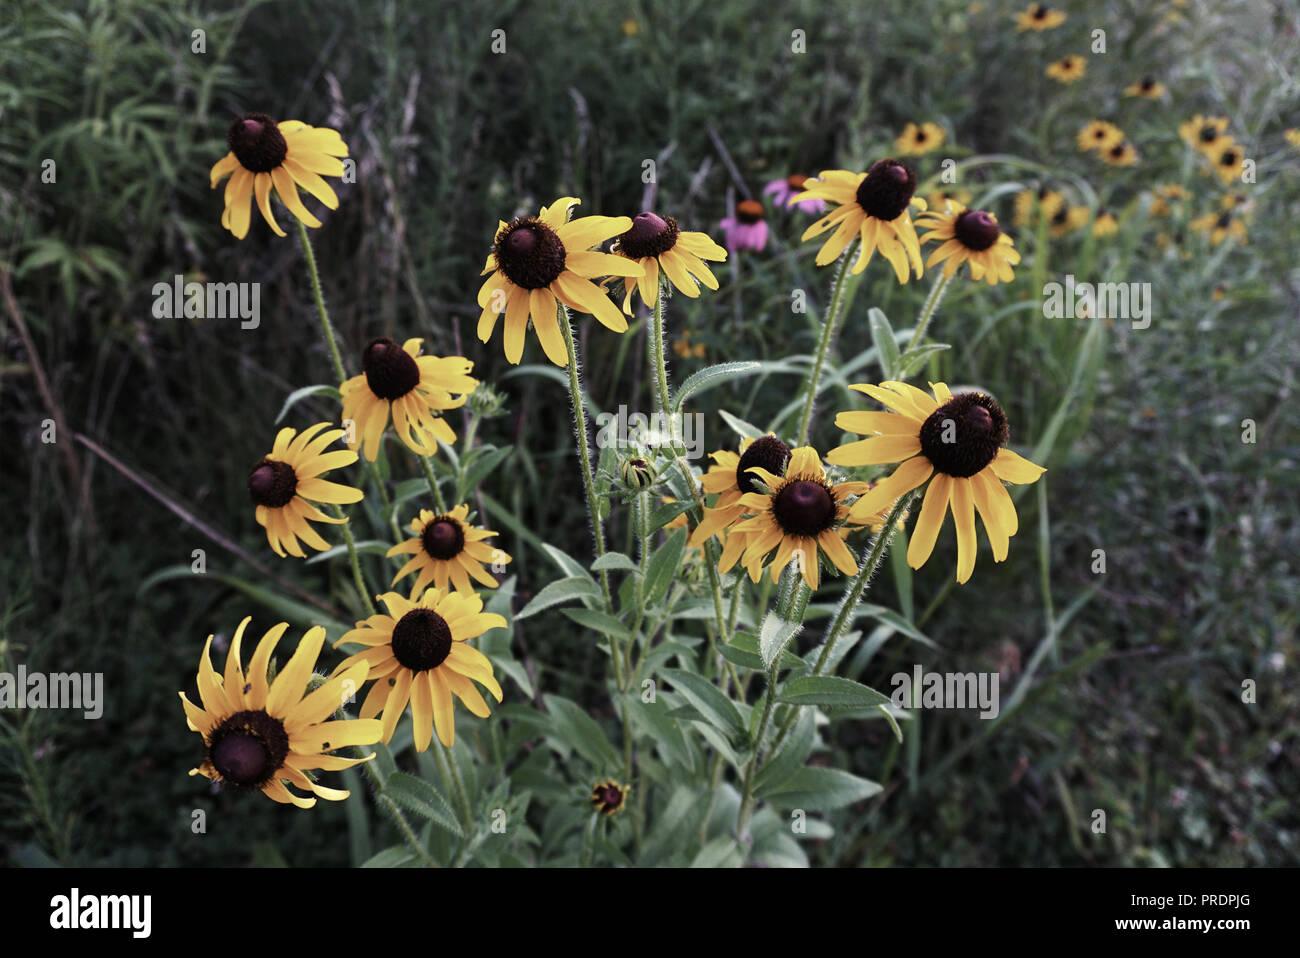 Gänseblümchen im Feld in das grüne Gras Hintergrund. Wilde Blumen Gänseblümchen Gelb gedämpften Tönen. Stockbild